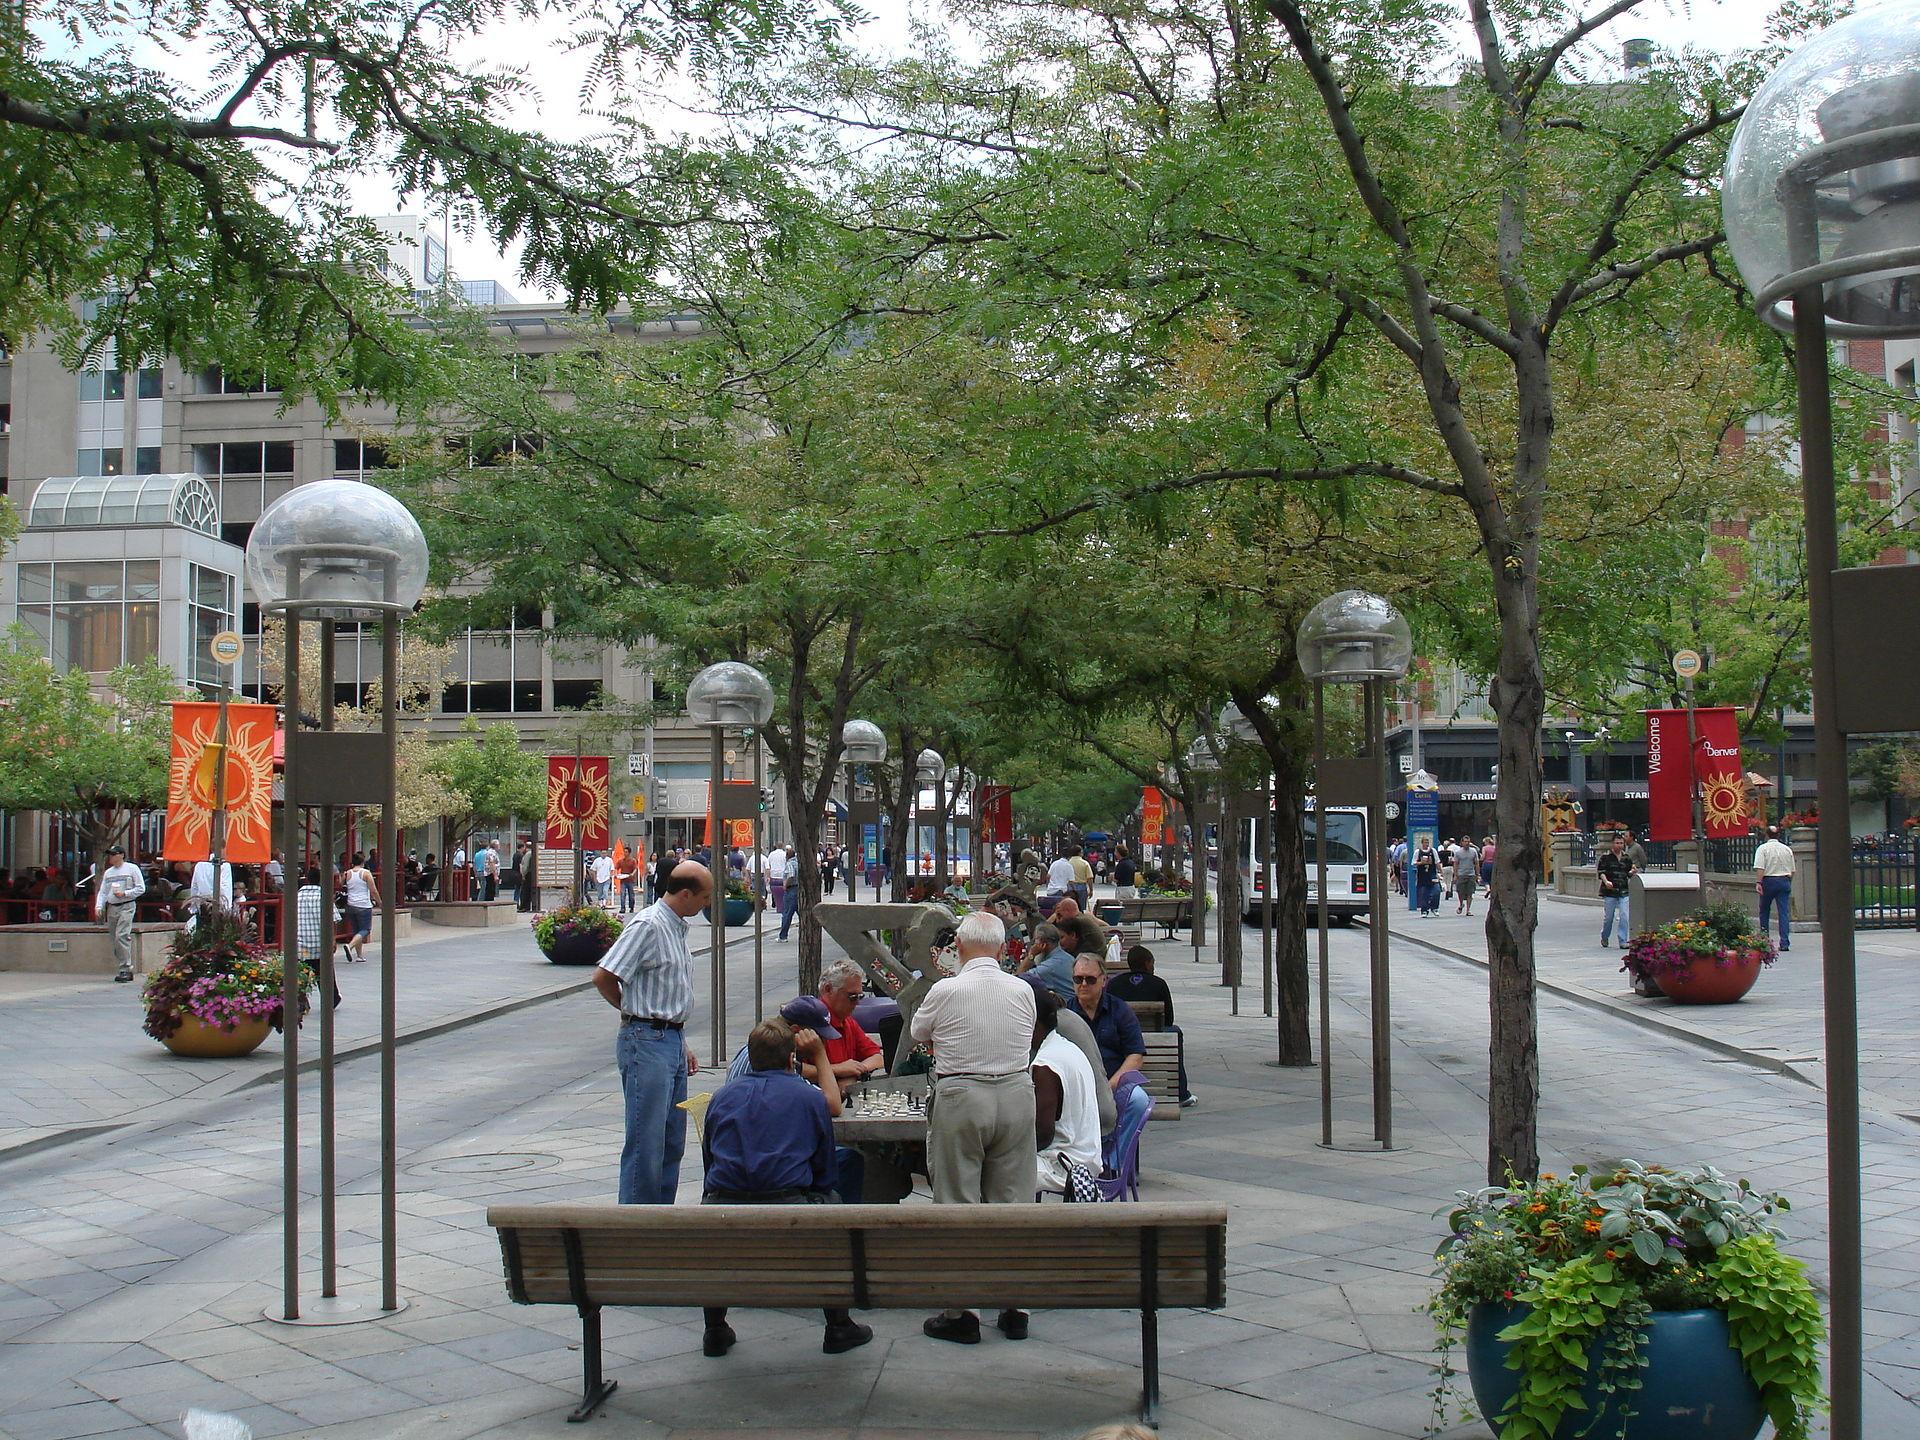 16th street mall.jpeg